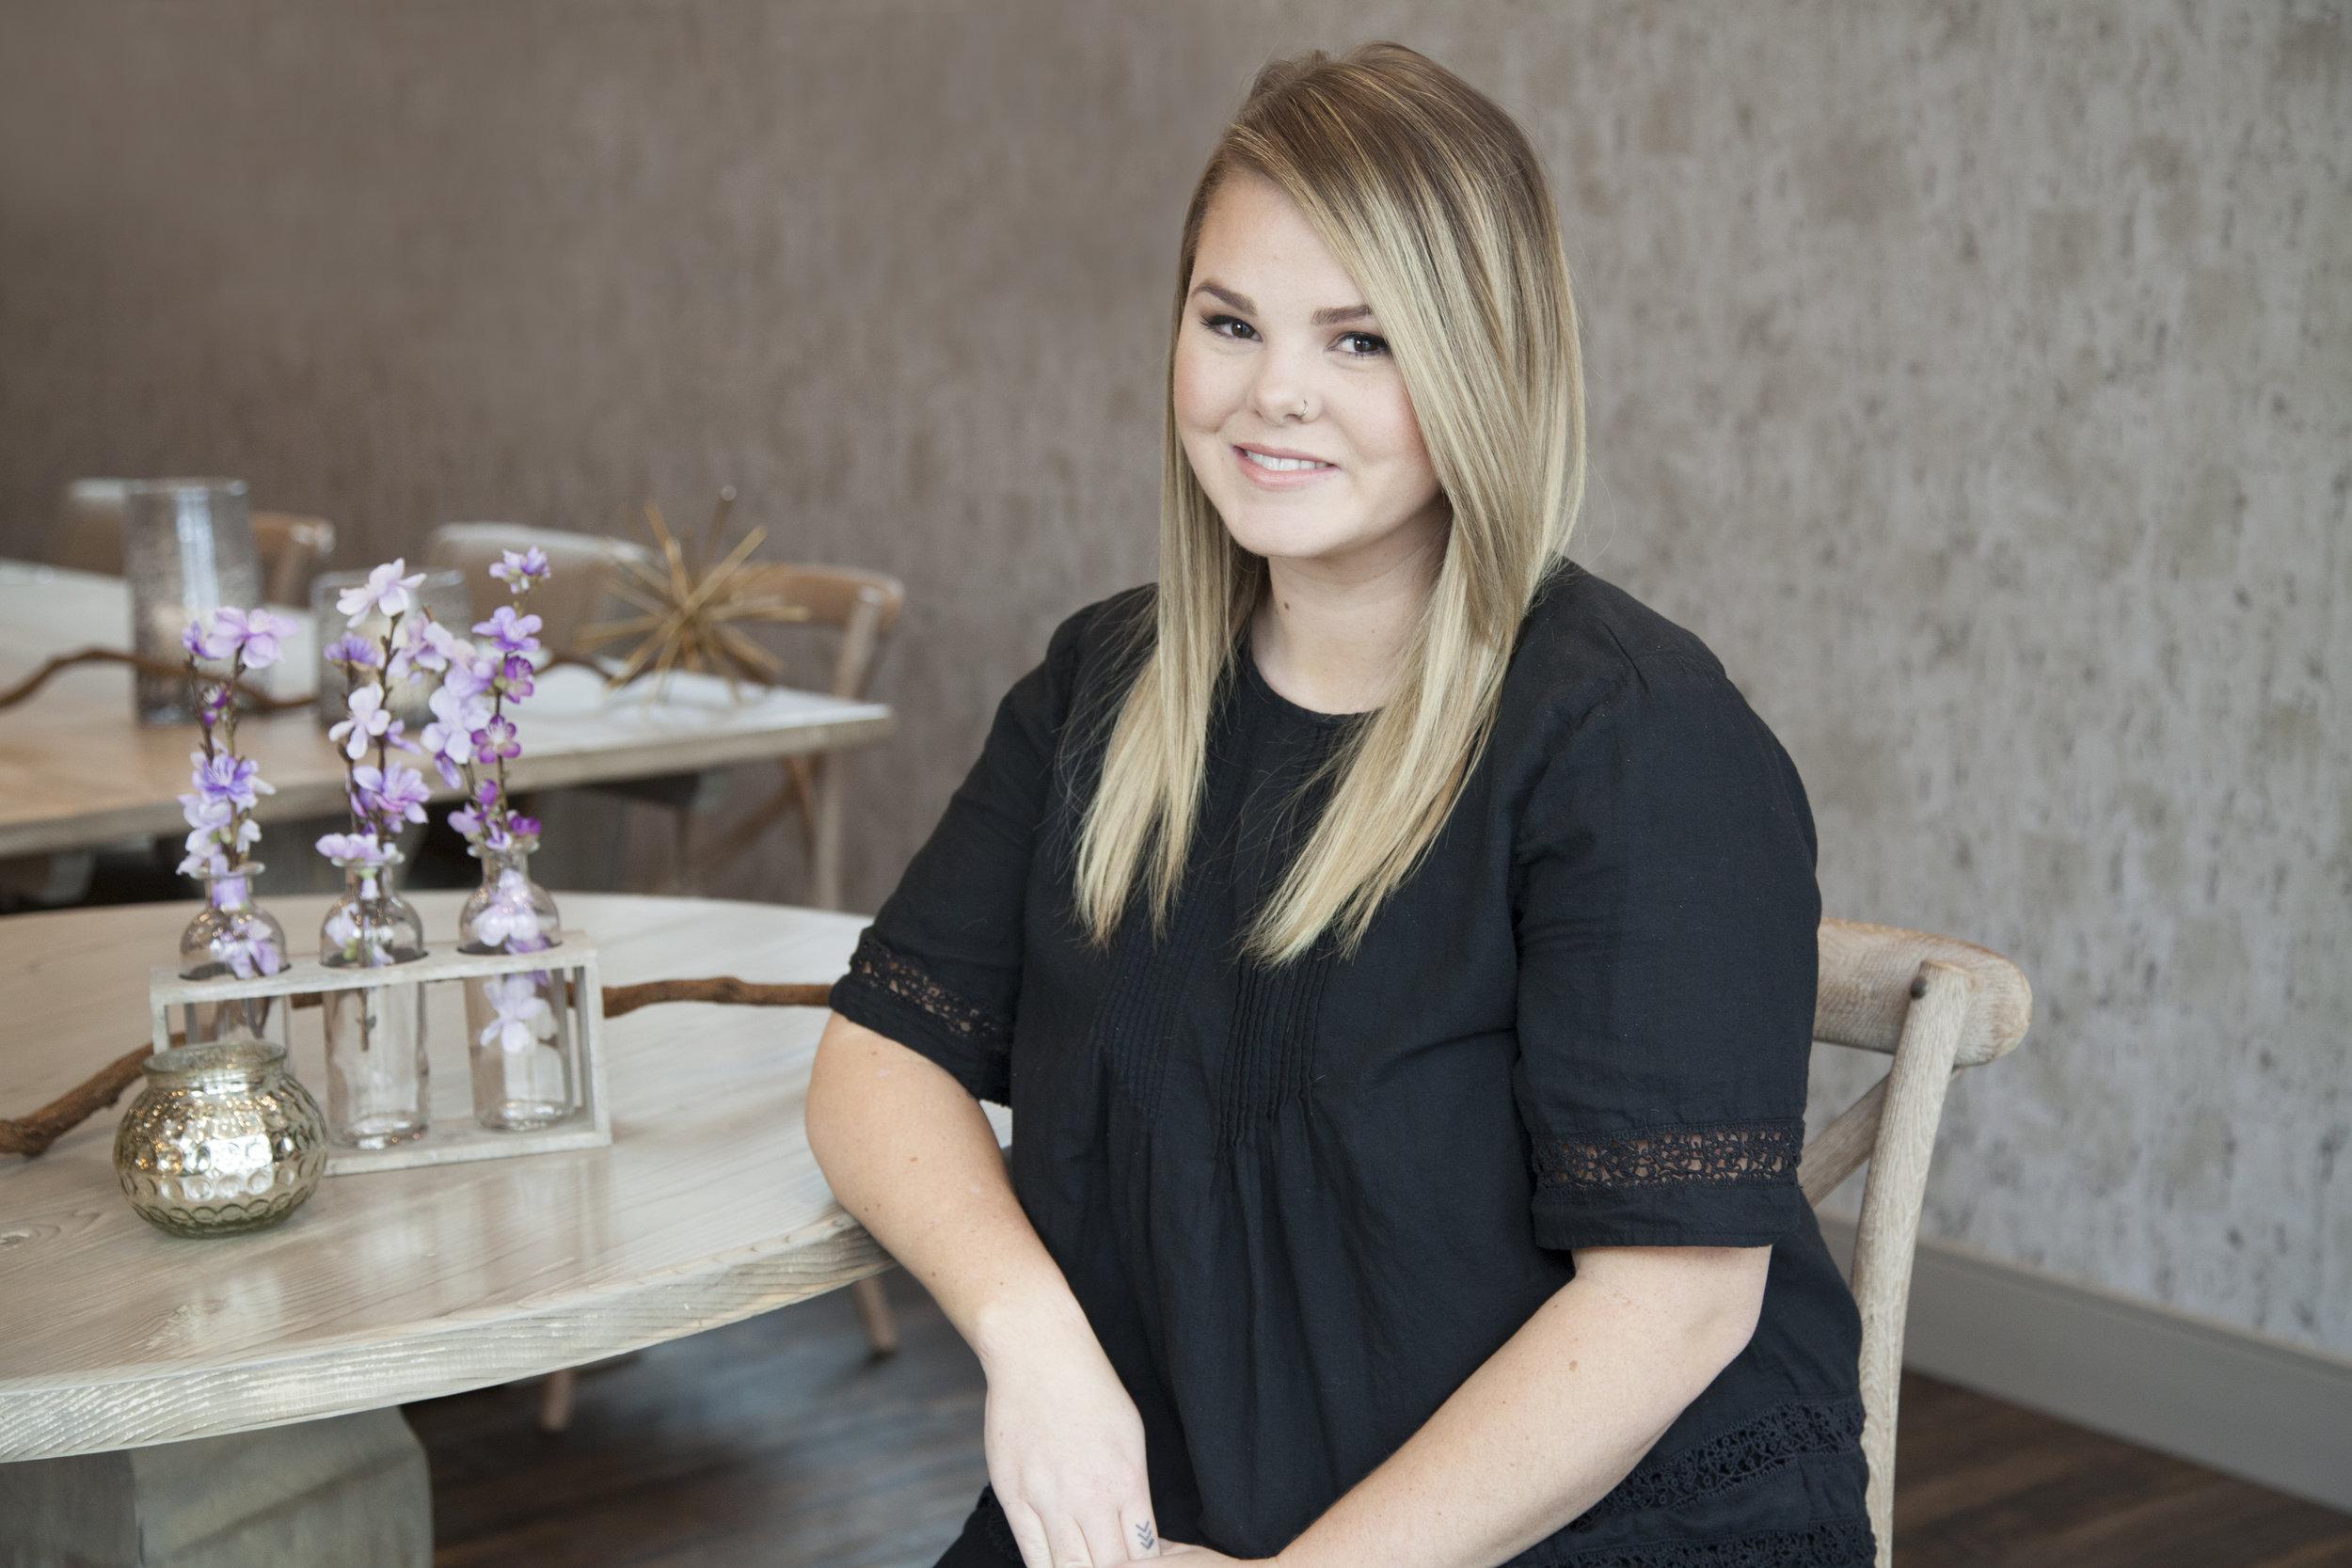 Karolann Kuter, Hairstylist